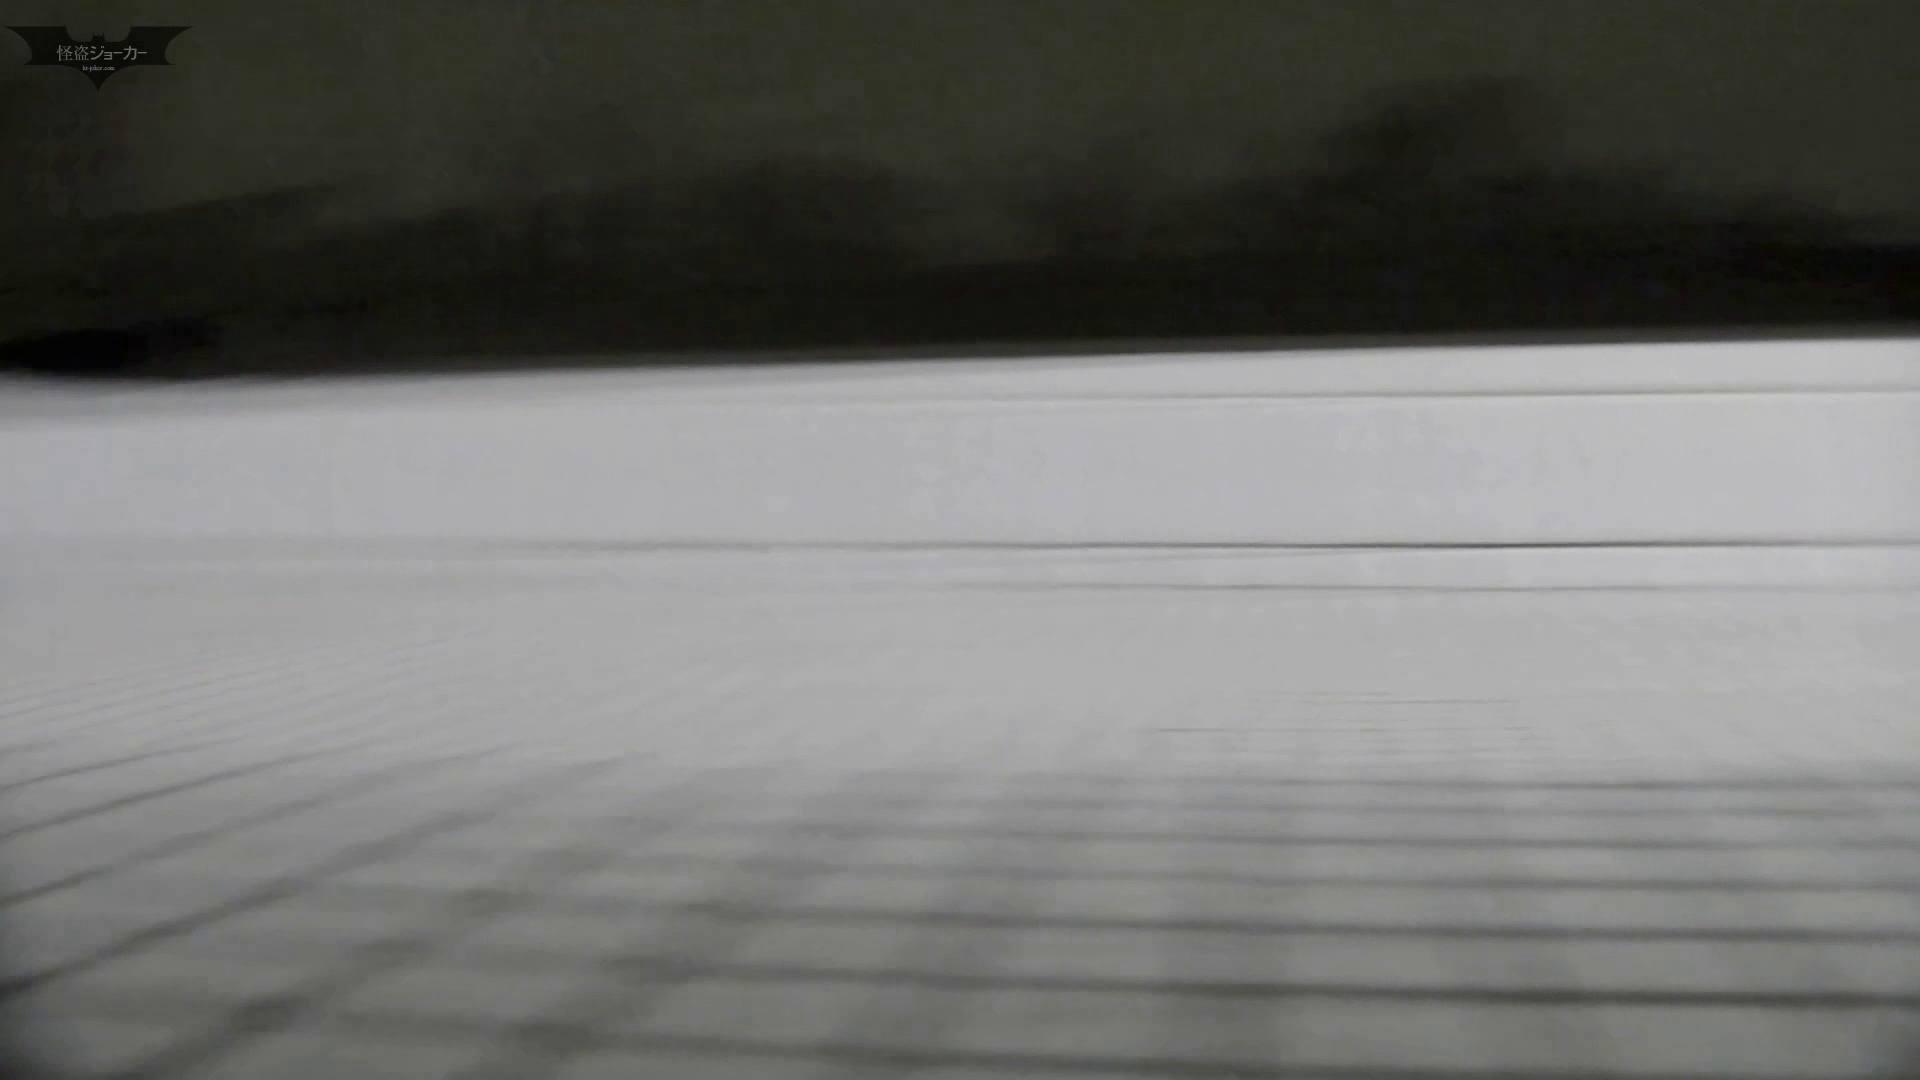 洗面所特攻隊 vol.58驚異のしまり、【2015・25位】 HなOL セックス画像 113pic 14